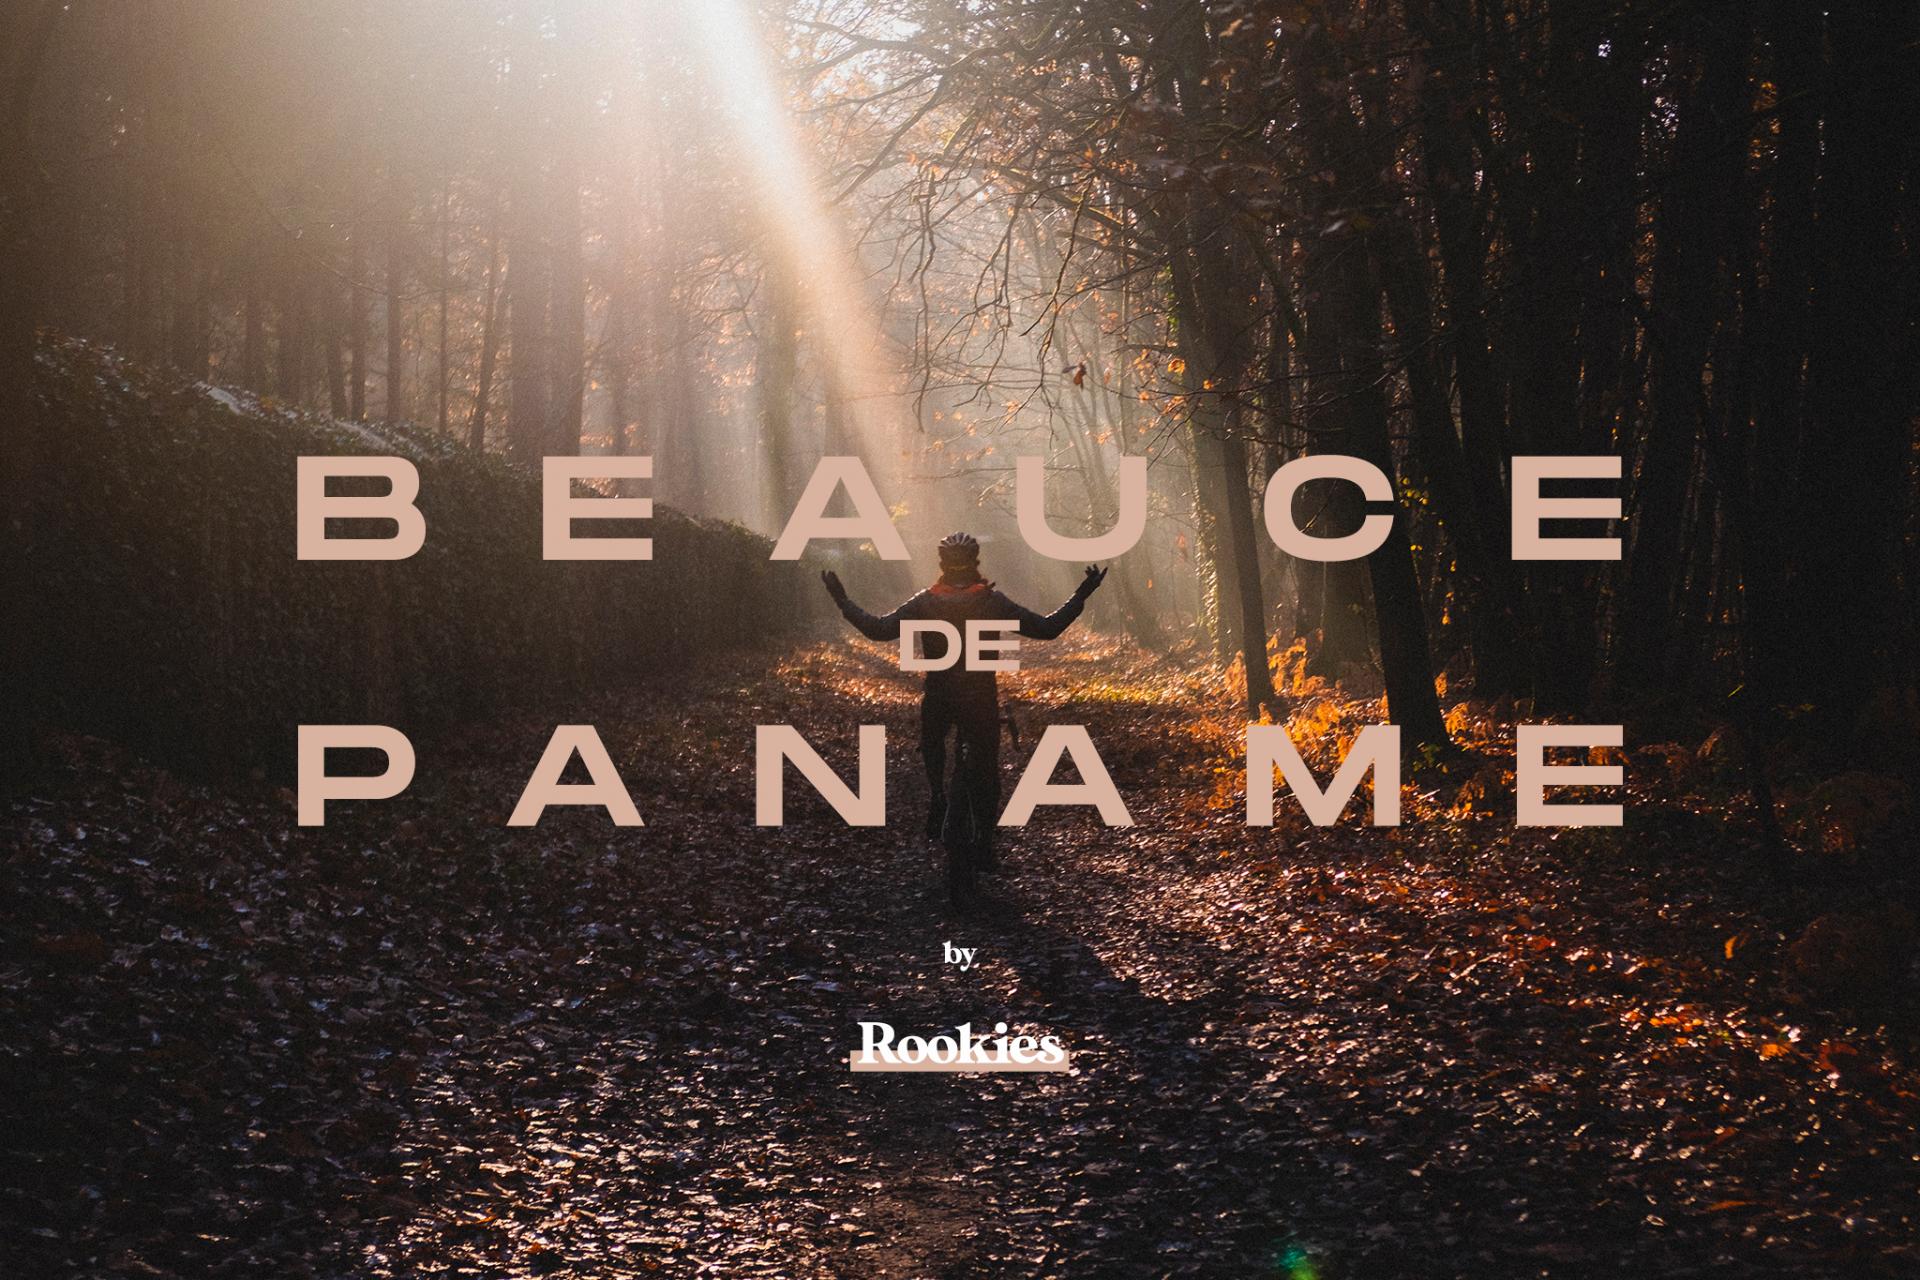 Beauce de Paname